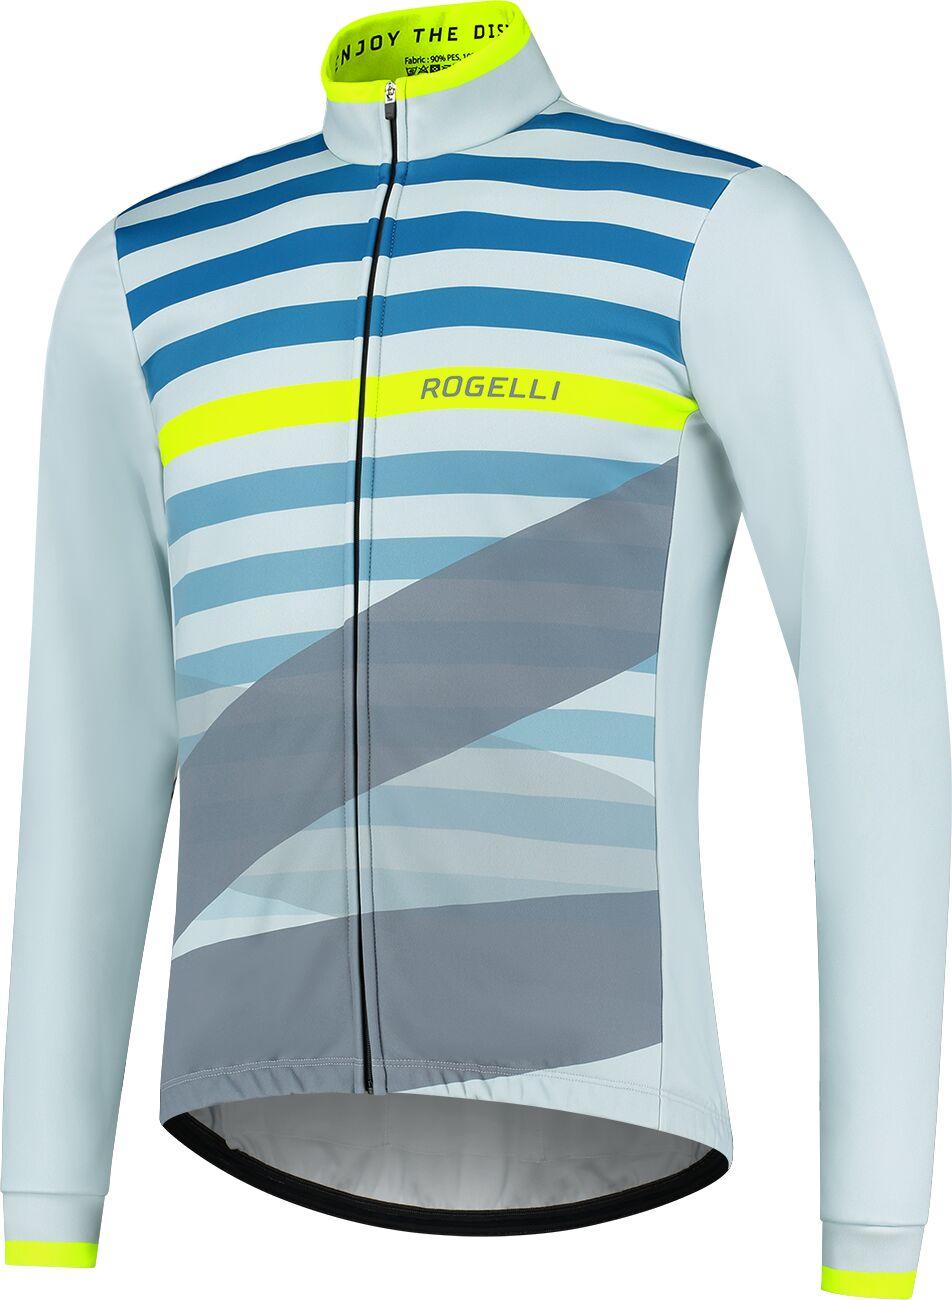 ROGELLI kurtka rowerowa zimowa STRIPE light blue ROG351040 Rozmiar: M,SROG351040.S